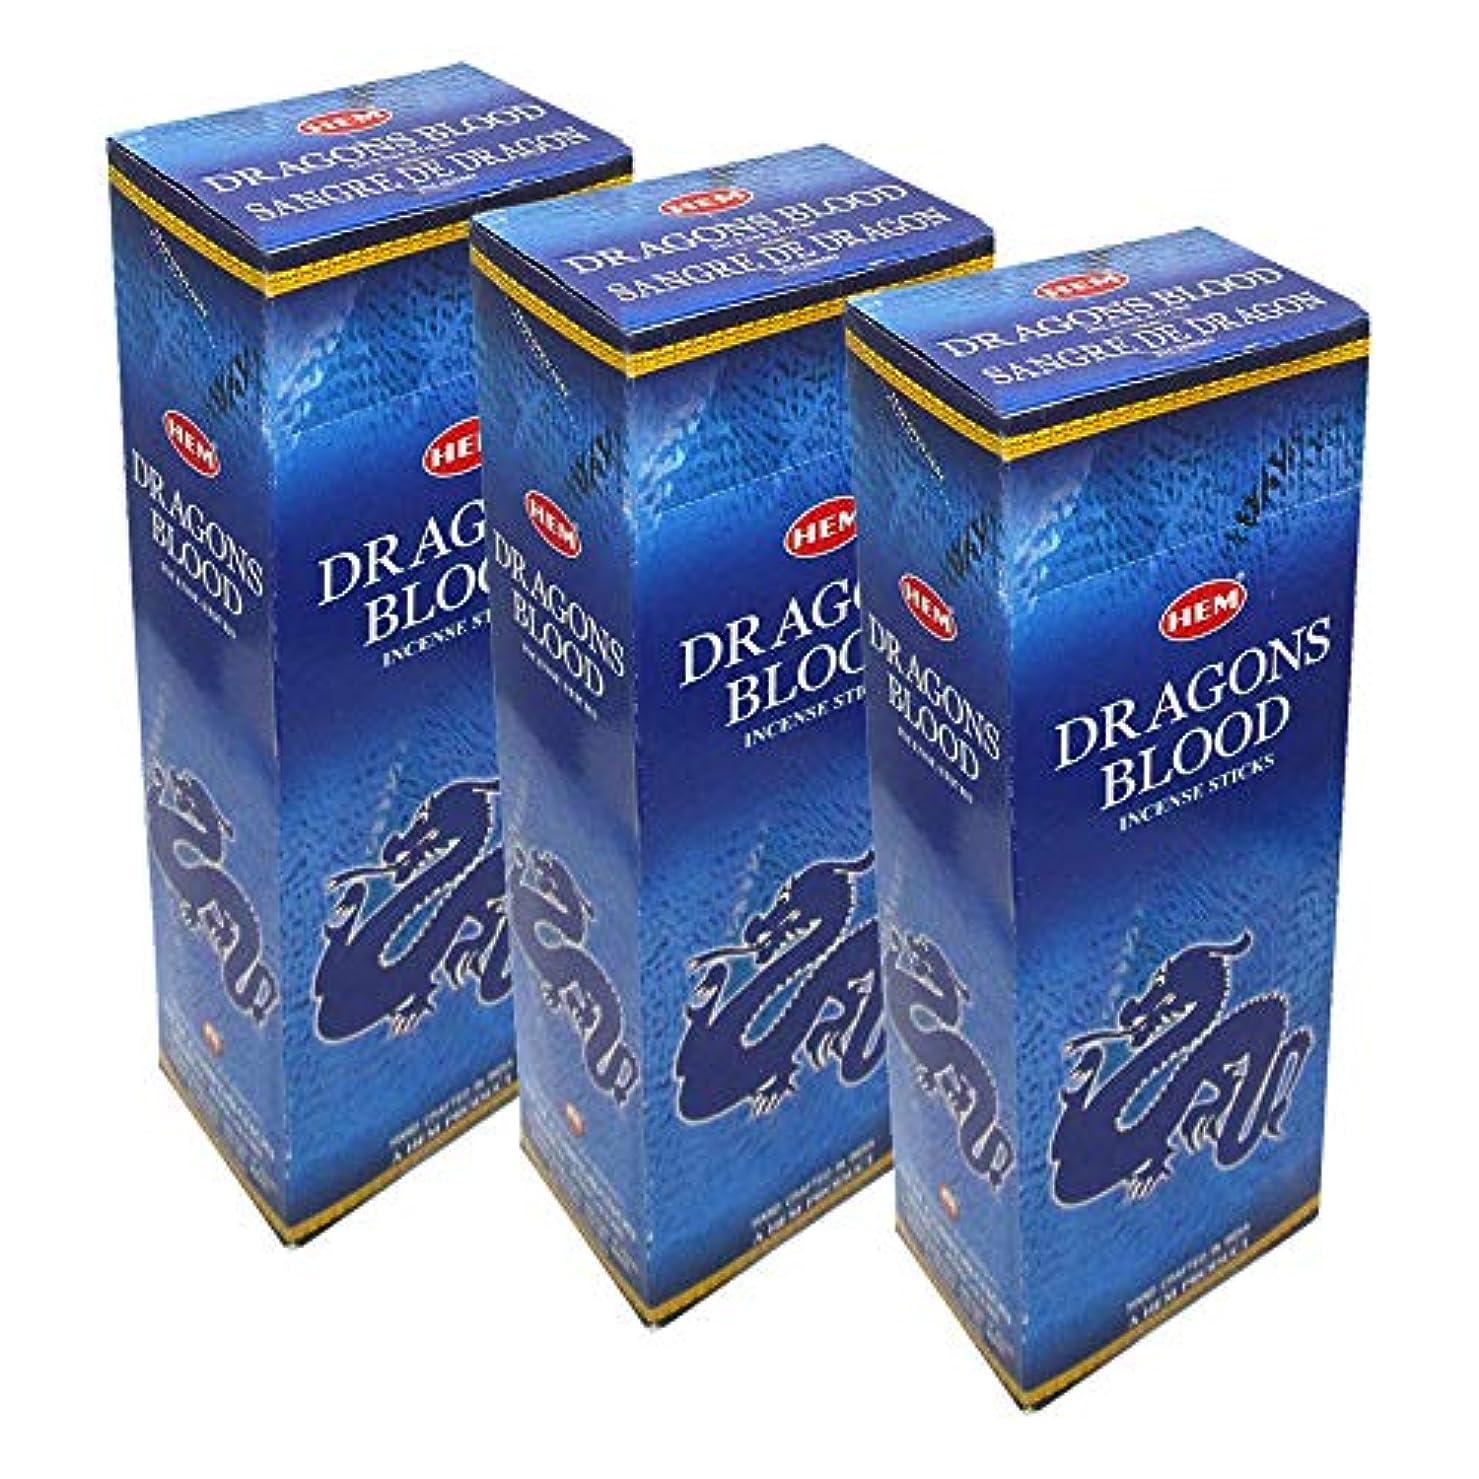 窒息させる華氏肥料HEM ドラゴンブラッドブルーアガーバティ18本入りお香箱 各20g入り